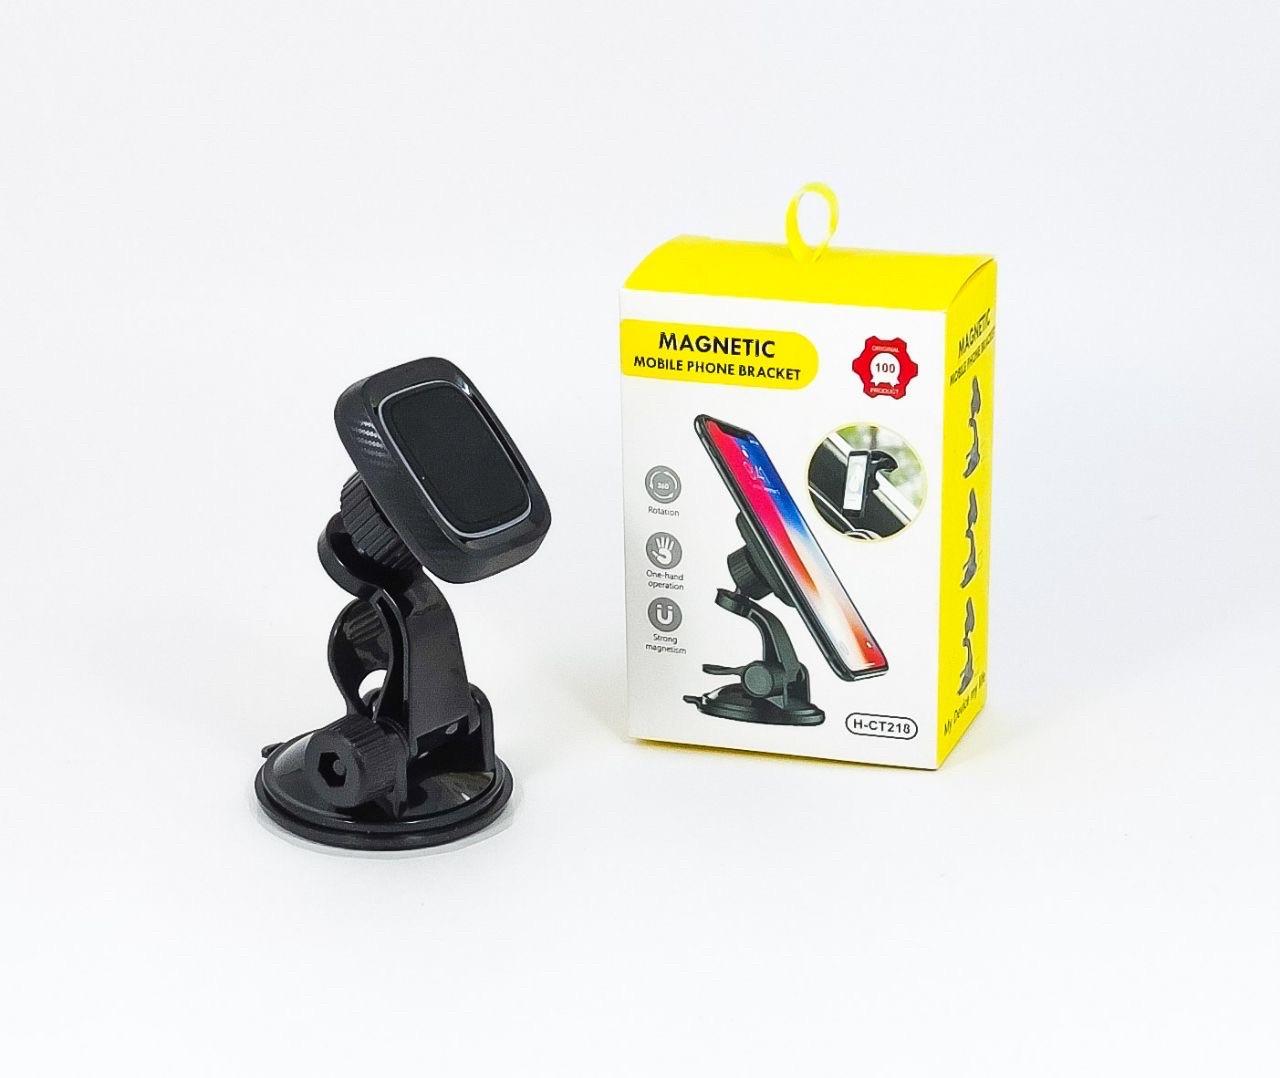 Автомобильный держатель для телефона H-CT218